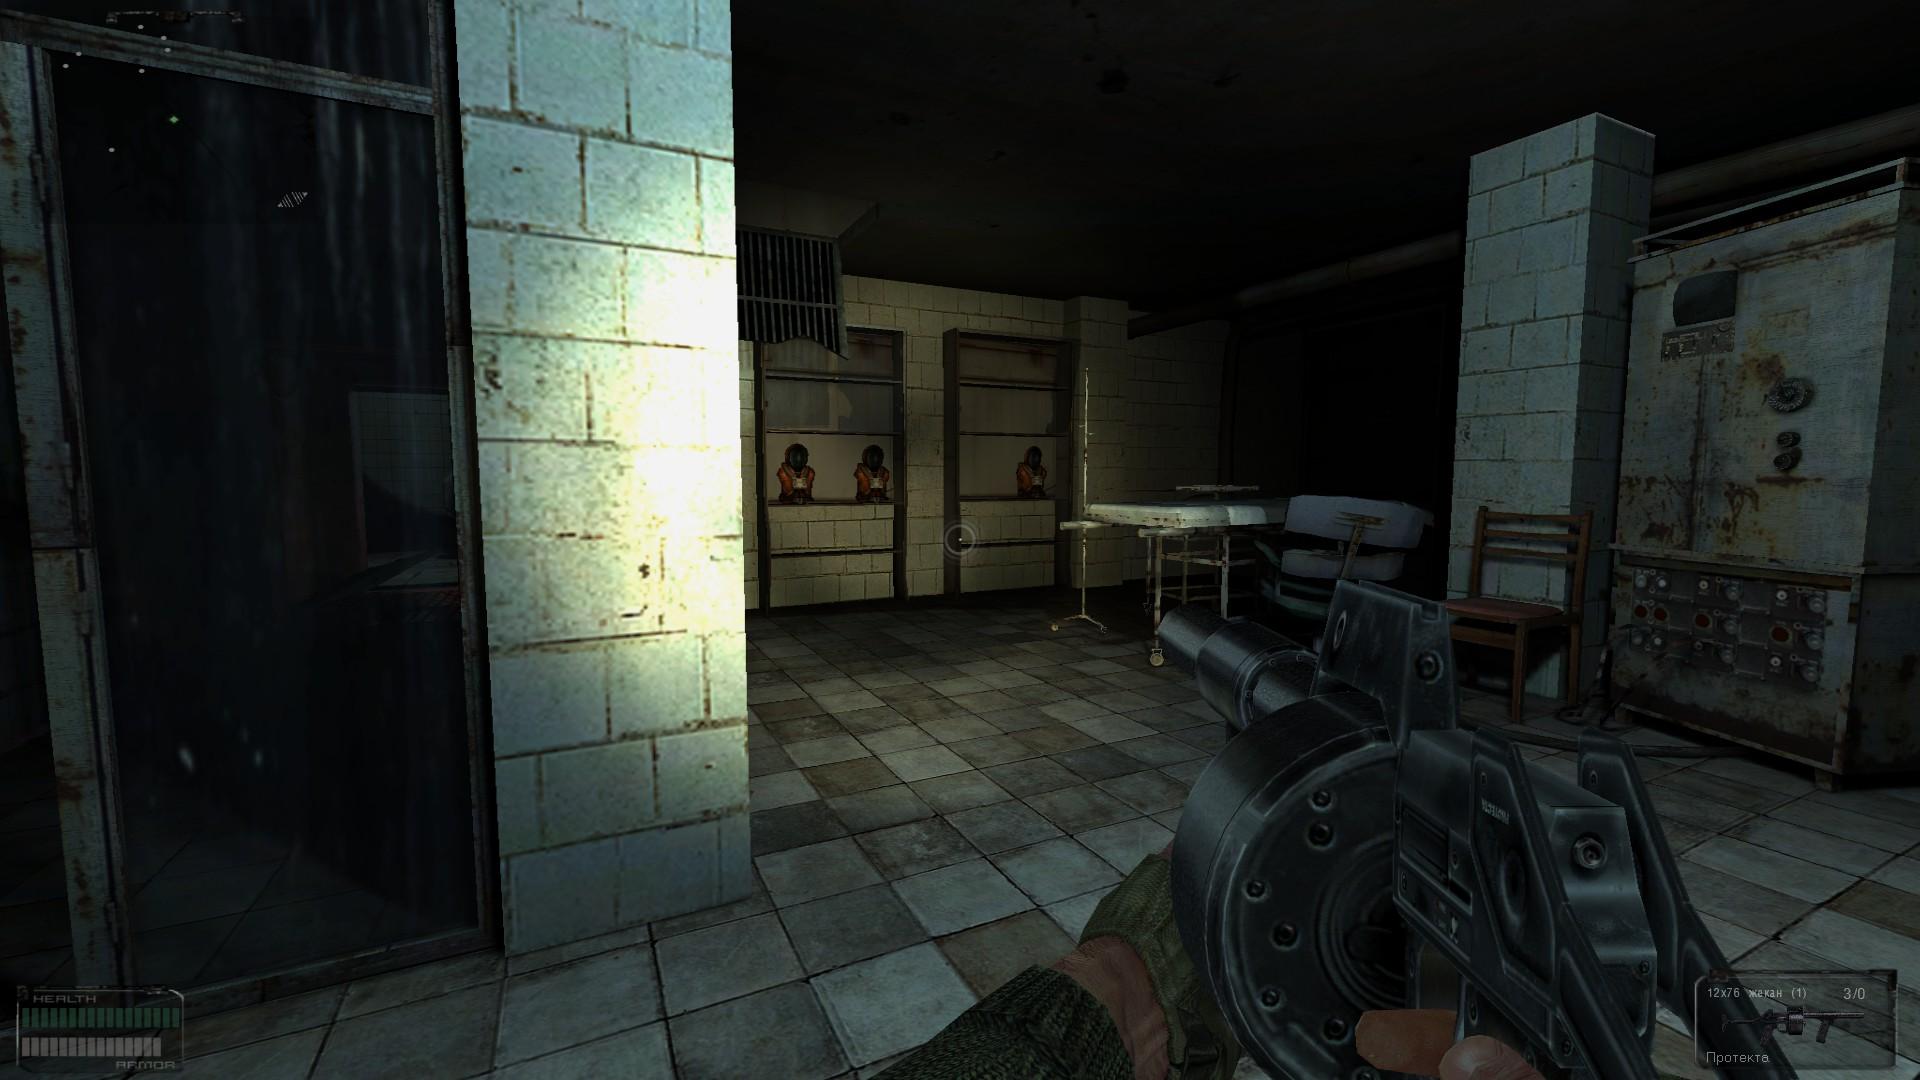 Oblivion Lost Remake 2.5 image 275